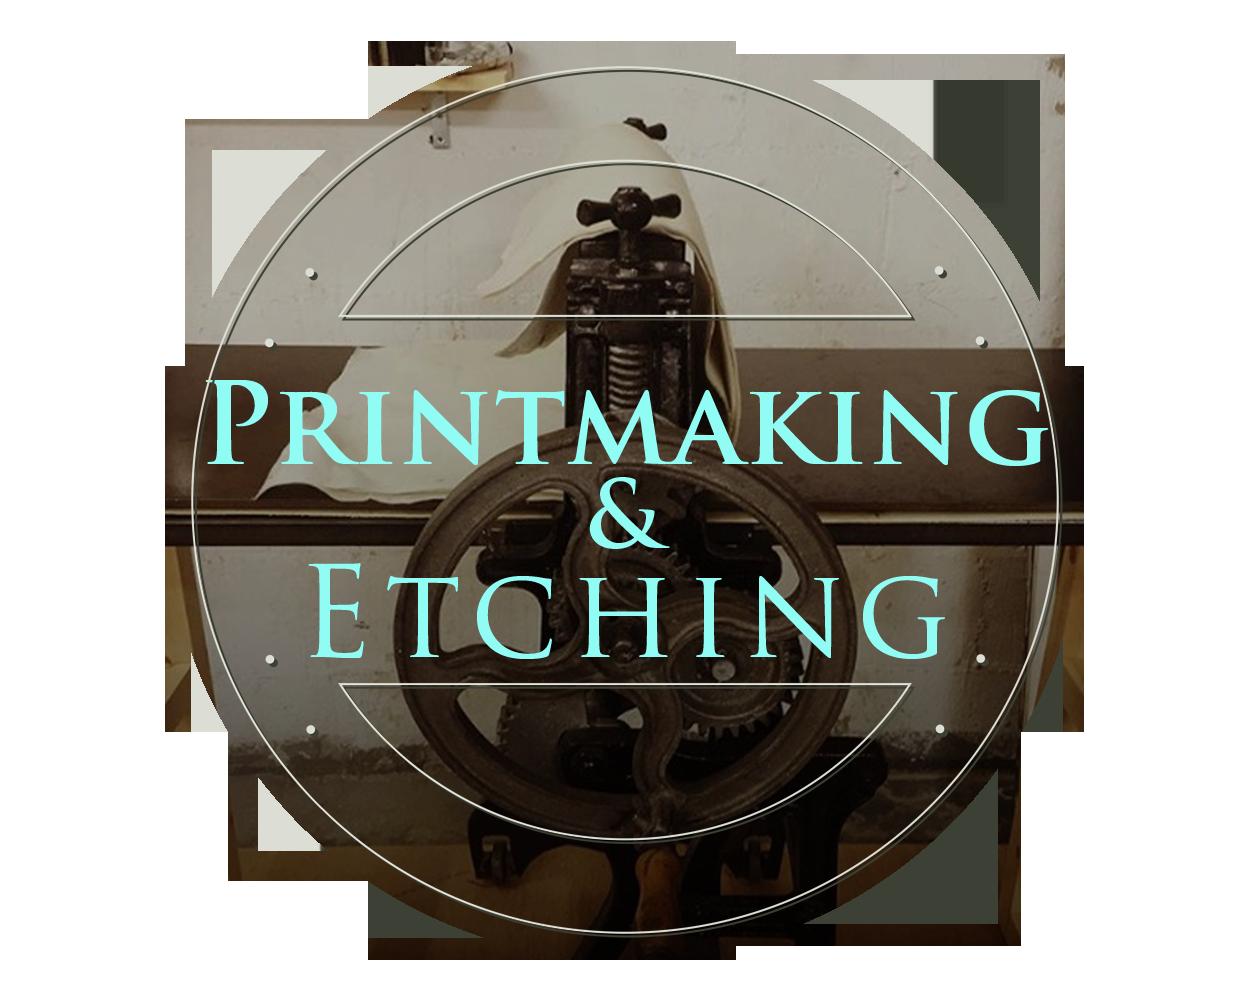 LFAS-Printmaking+Etching2